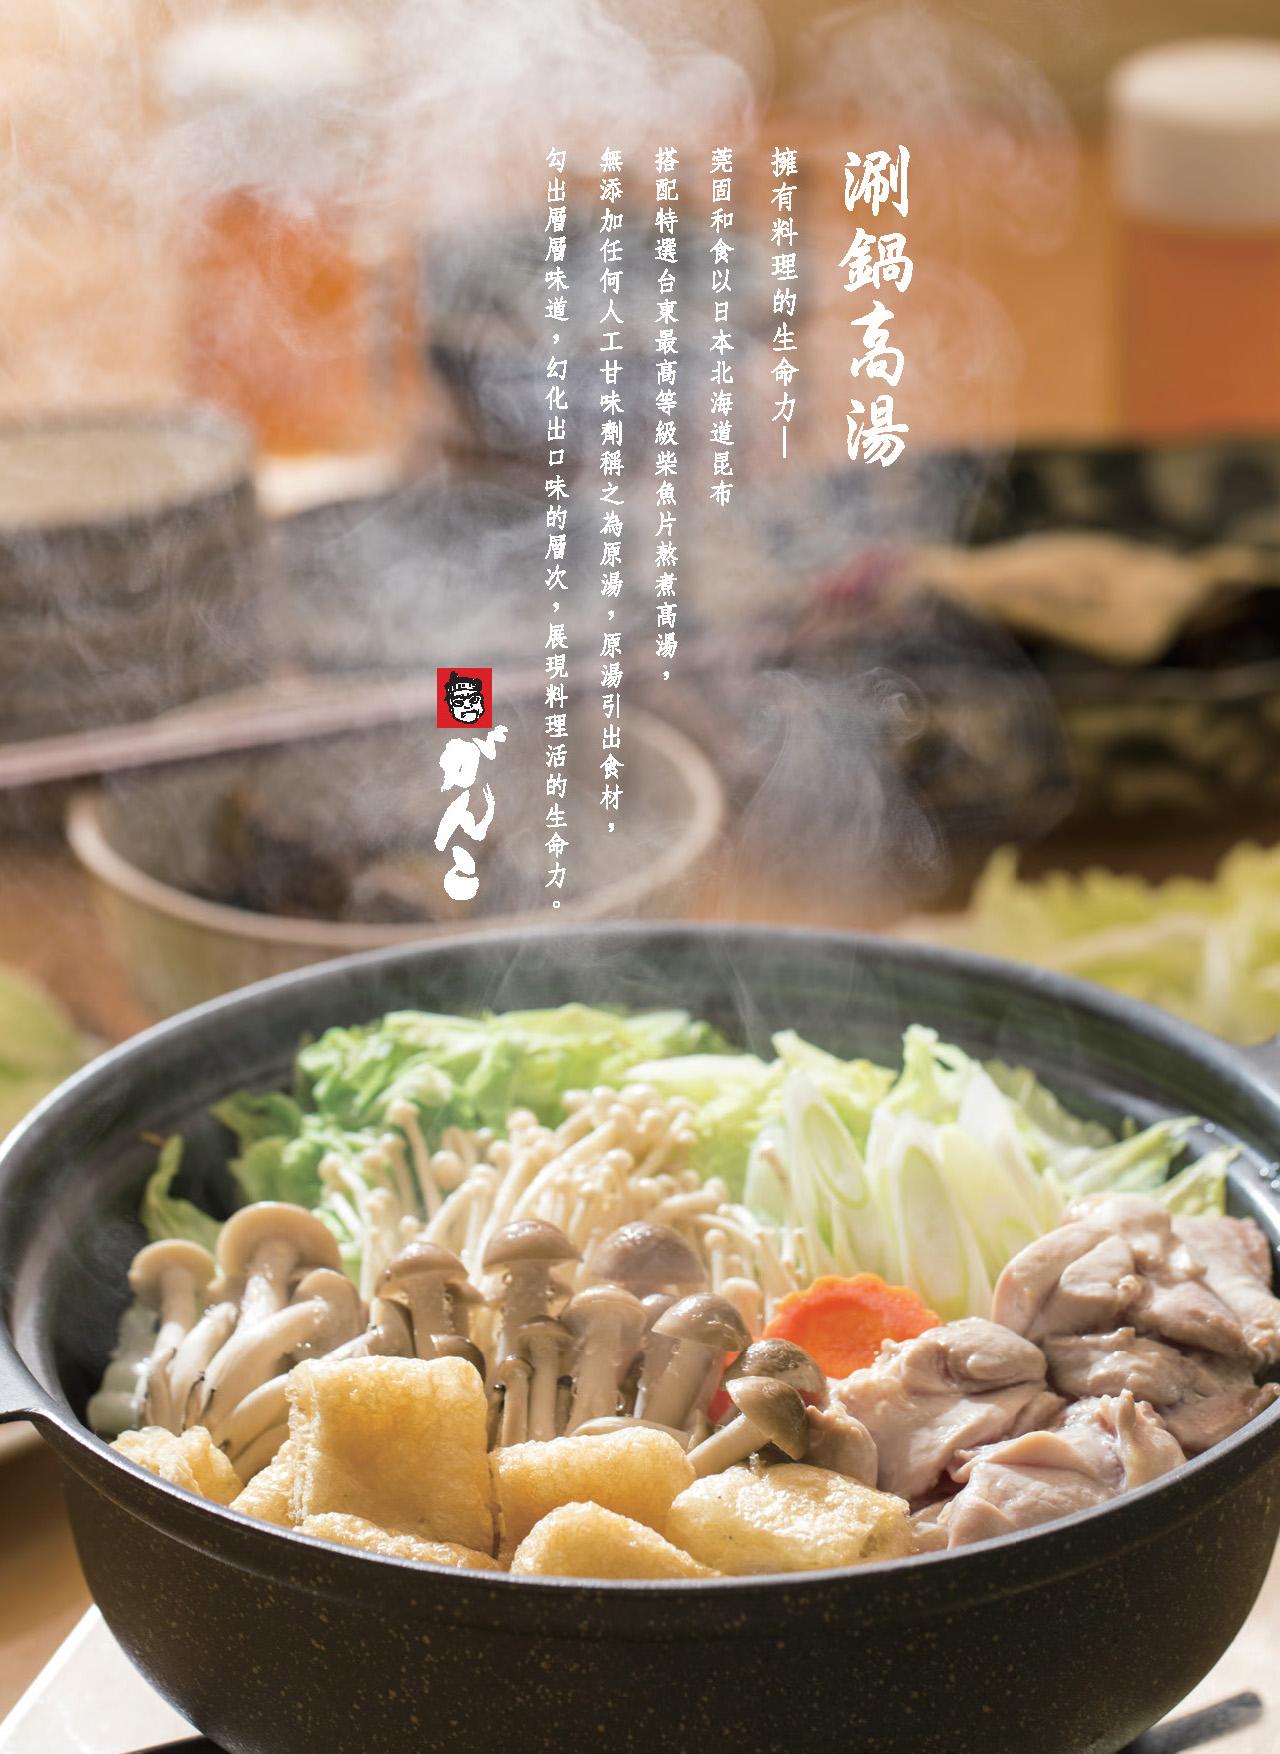 莞固和食 GANKO 台北大直店菜單 - 涮鍋高湯